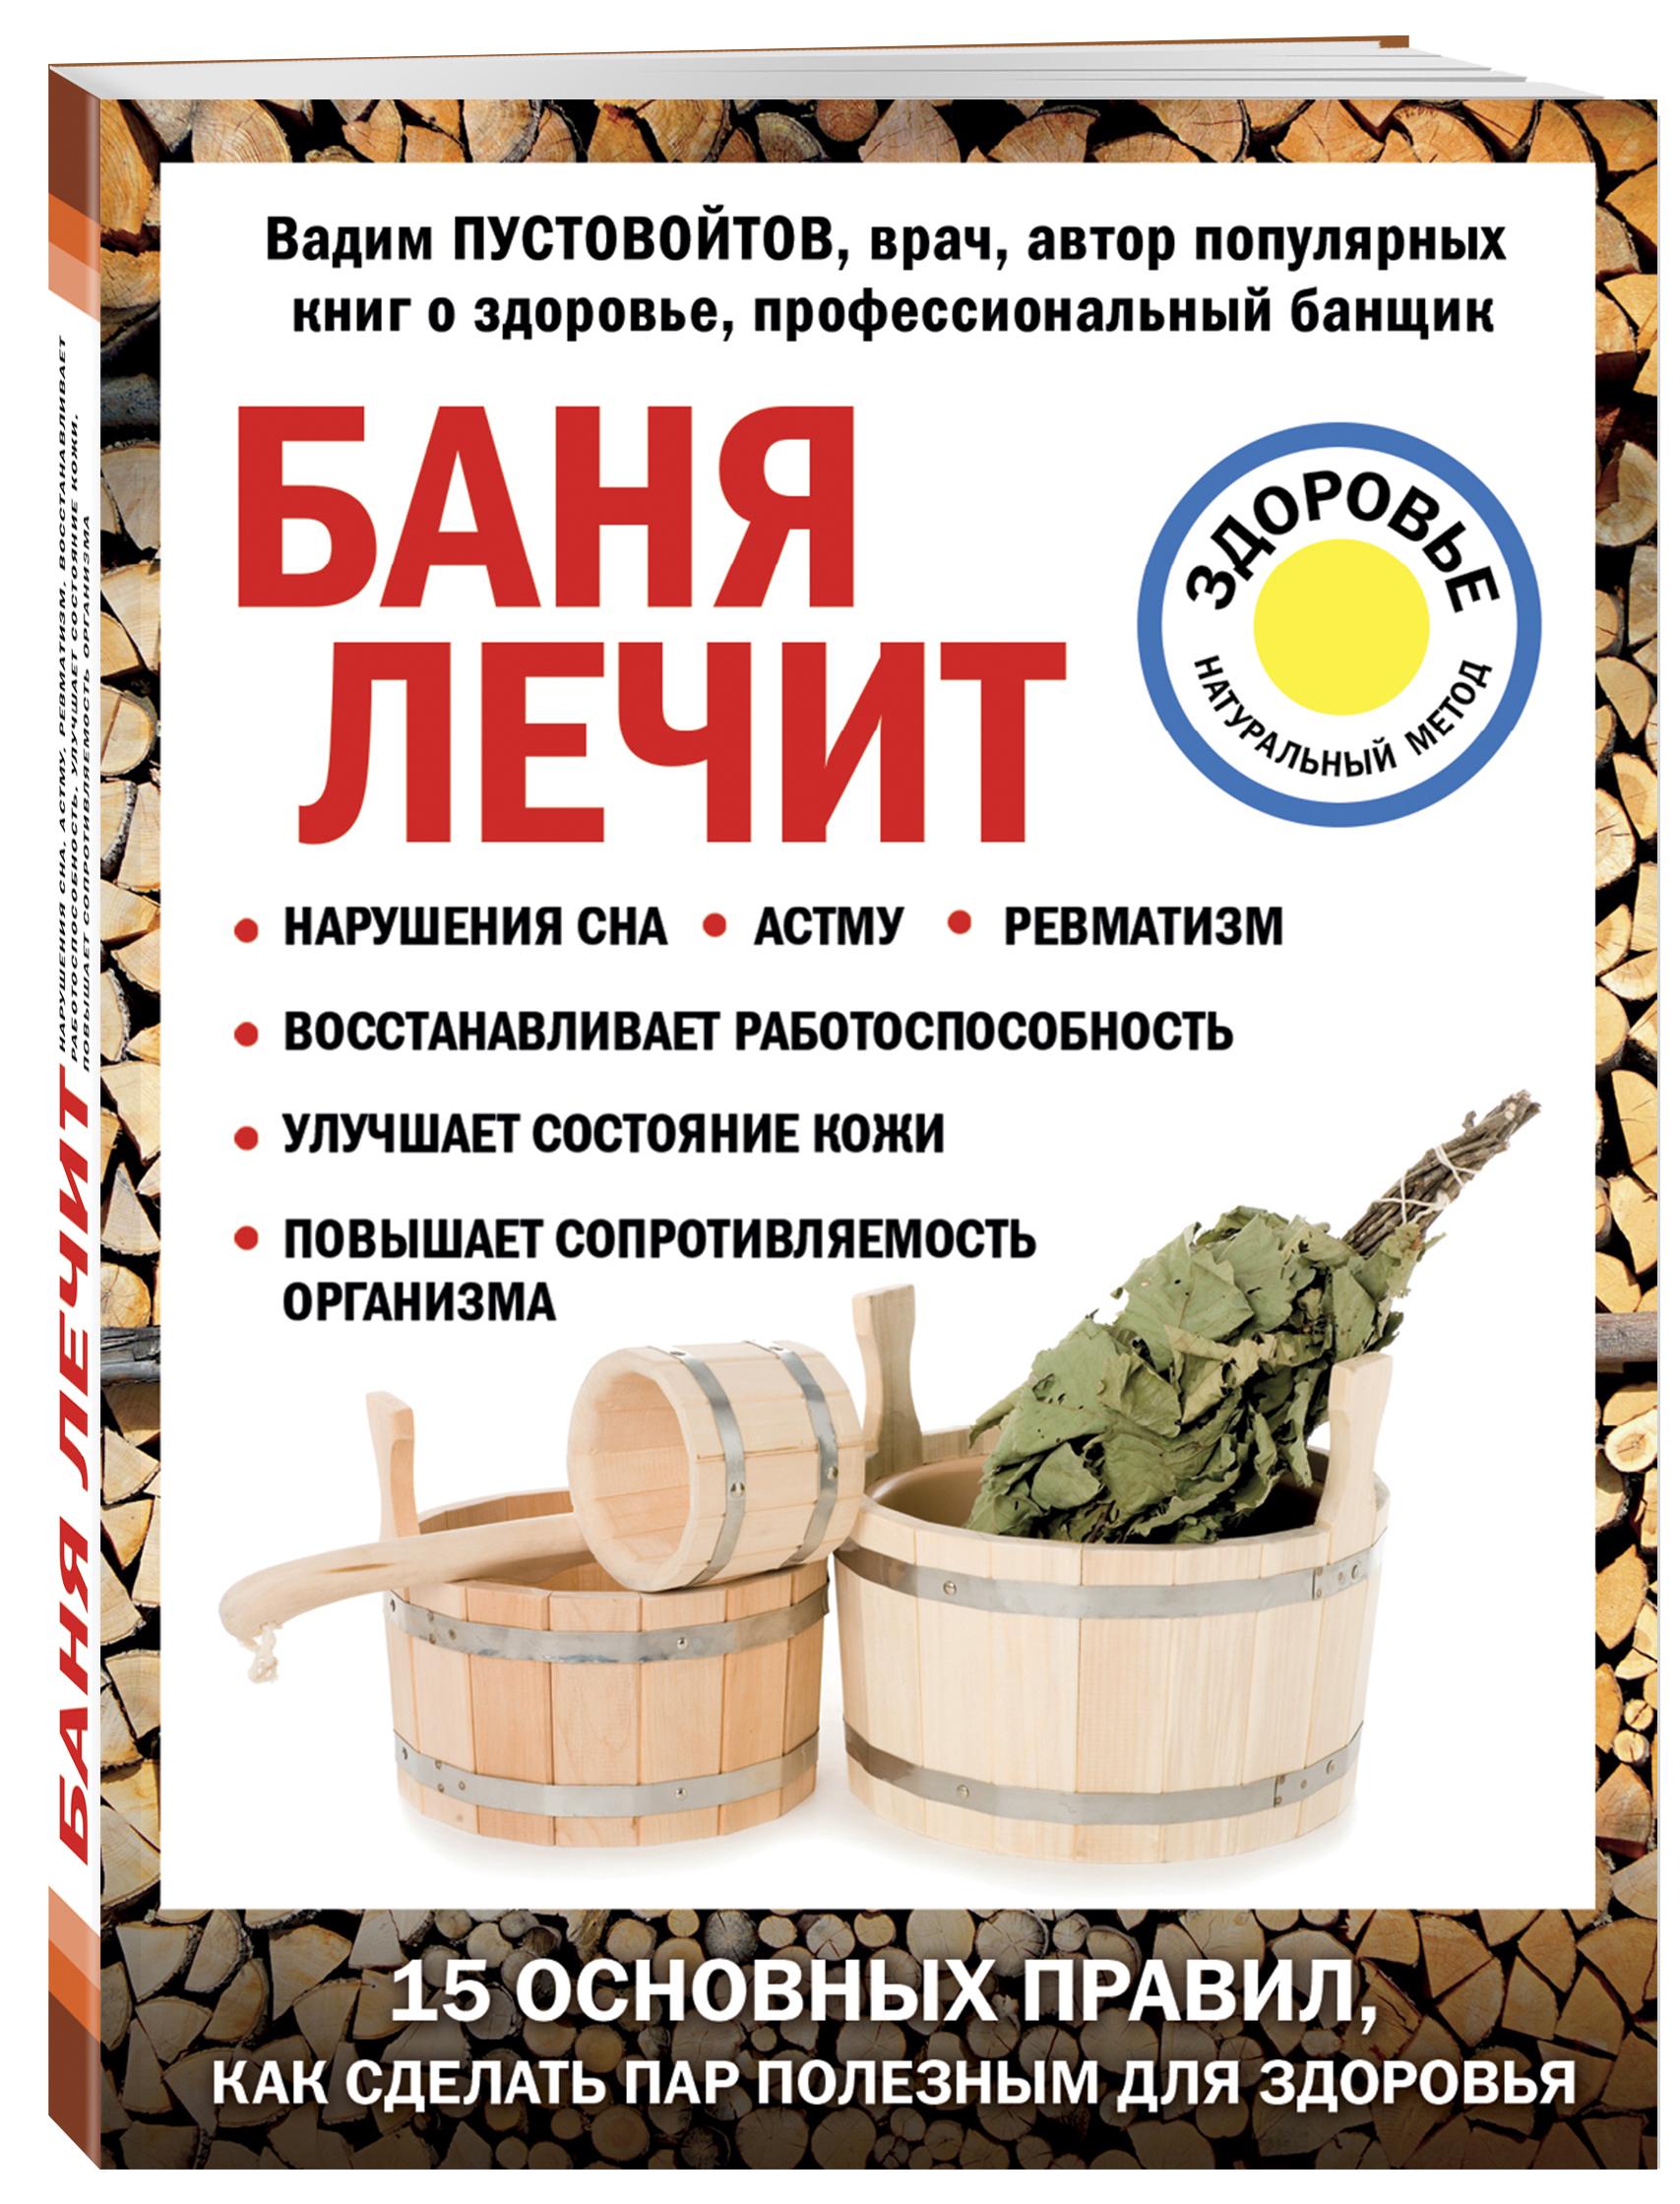 Баня лечит ( Пустовойтов В. Н.  )